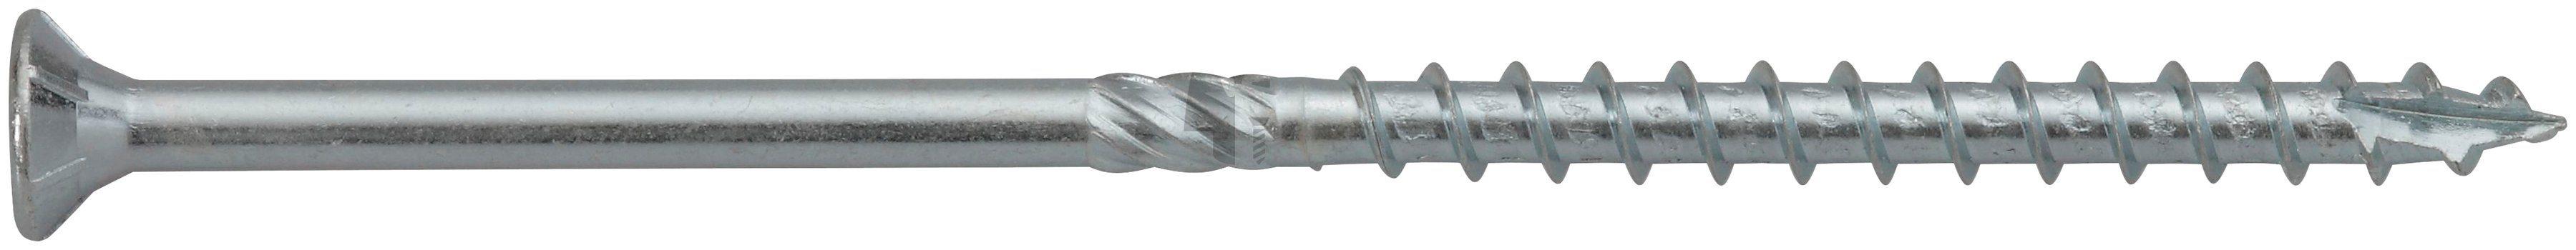 RAMSES Schrauben , Holzbauschraube 6 x 260 mm 100 Stk.